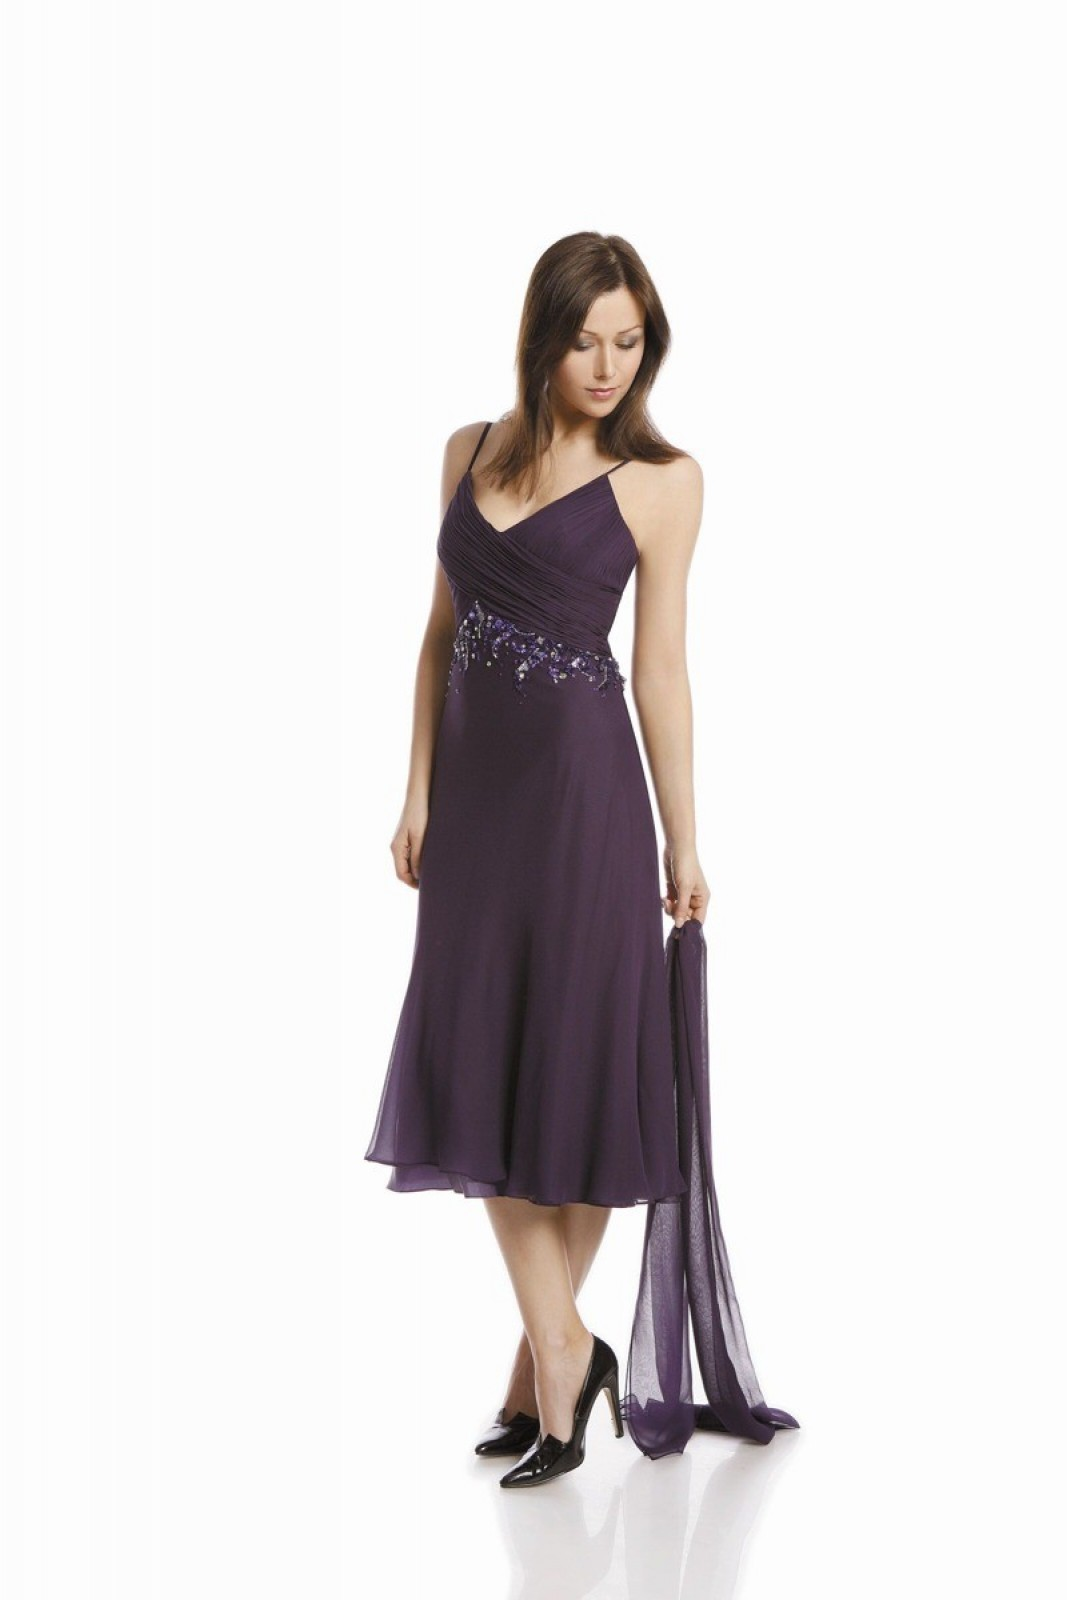 Seidene Partykleider lila bei kleider-boutique.de - Kleiderboutique